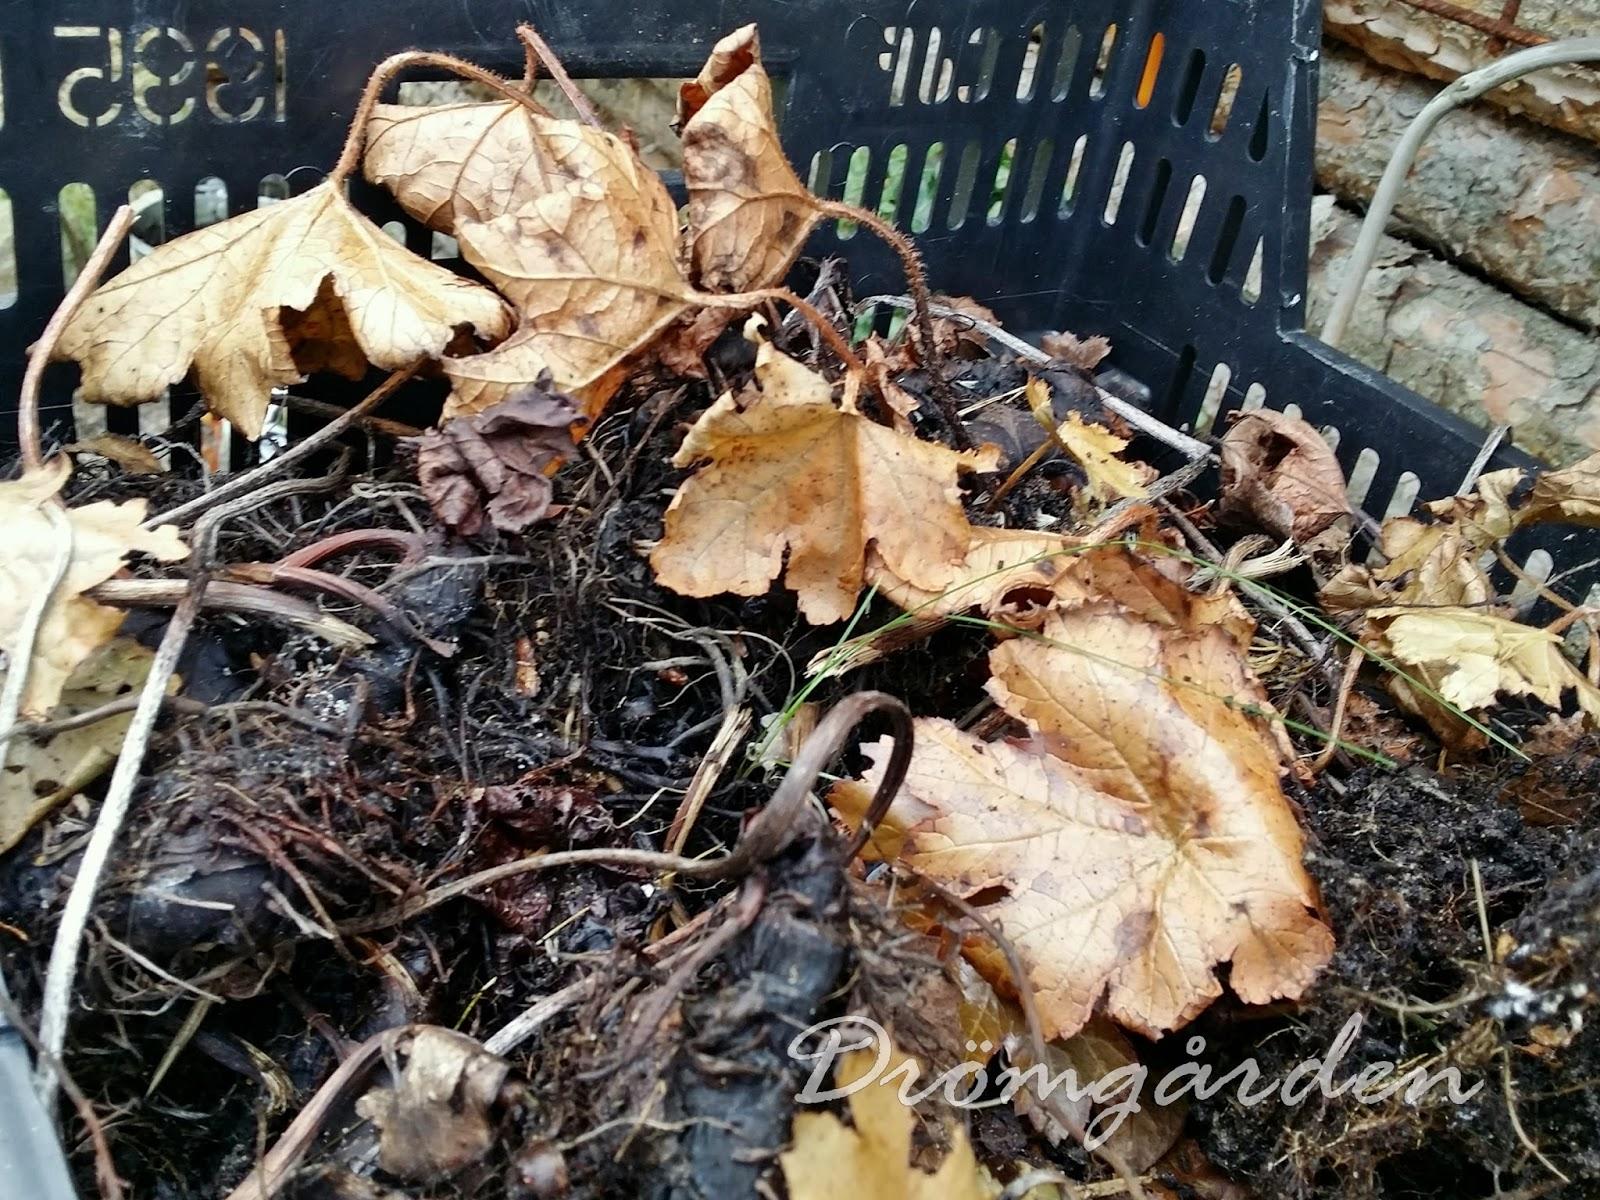 Drömgården: trädgårdsjobb 1:a november